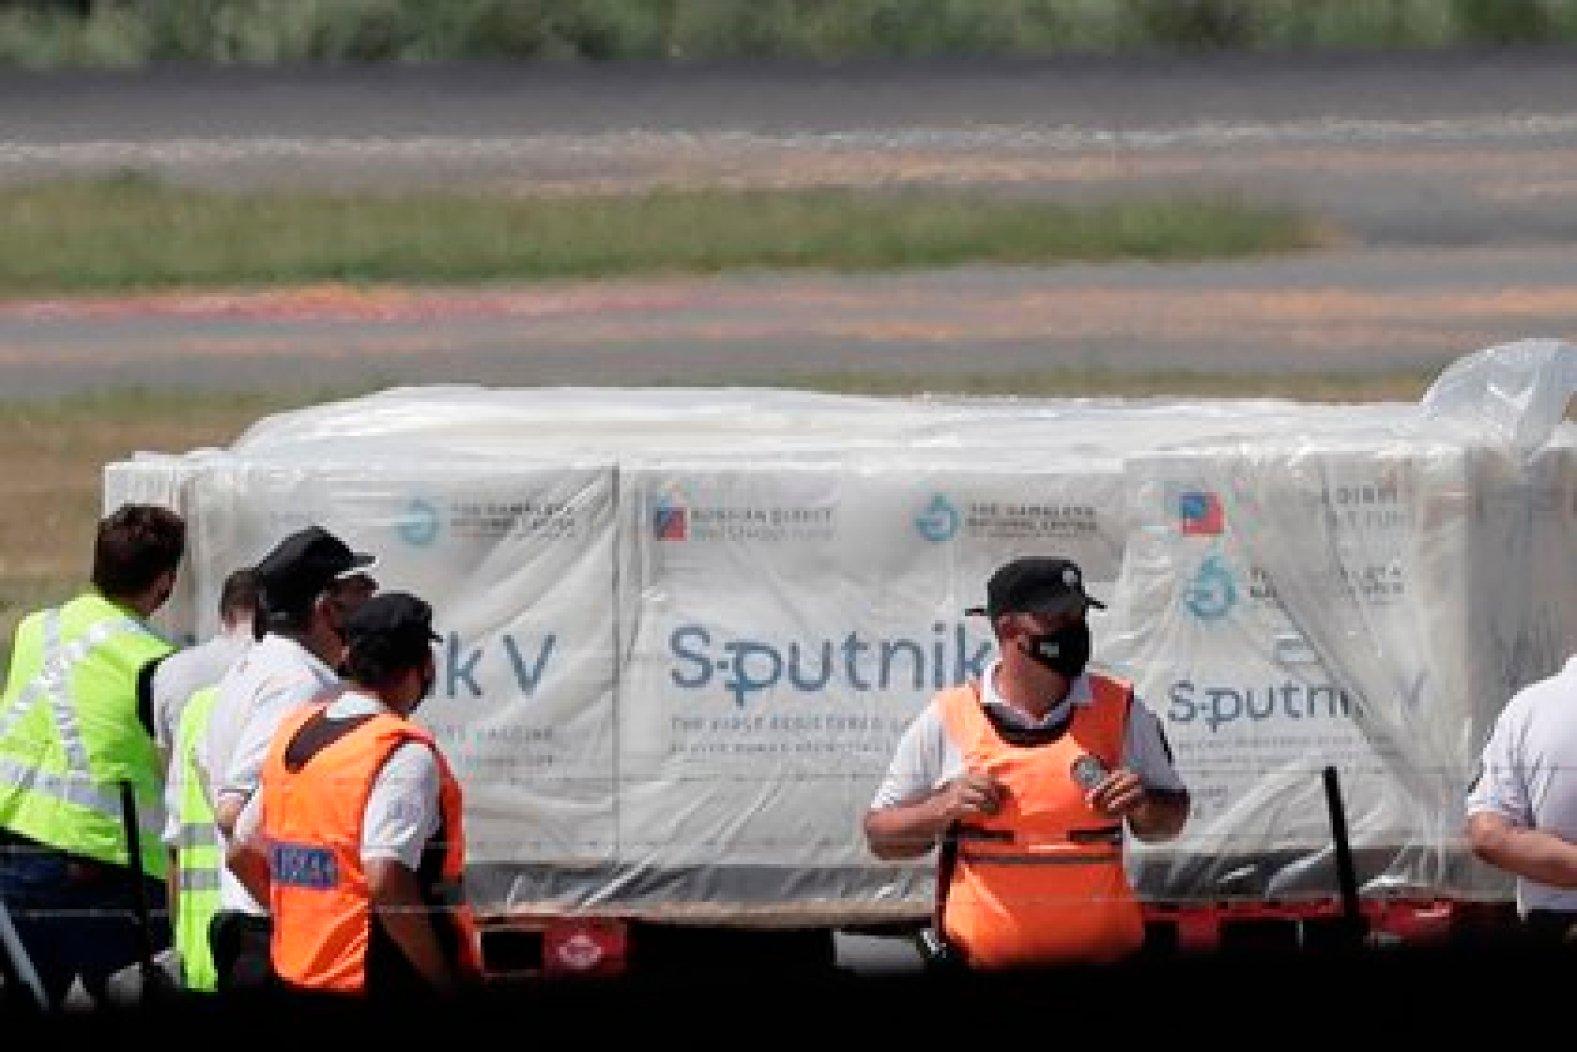 Fotografía tomada el pasado 24 de diciembre en la que operarios aeroportuarios fueron registrados al recibir los primeros contenedores de la vacuna rusa Sputnik V contra la covid-19, en el Aeropuerto de Ezeiza, en Buenos Aires (Argentina). EFE/Juan Ignacio Roncoroni/Archivo